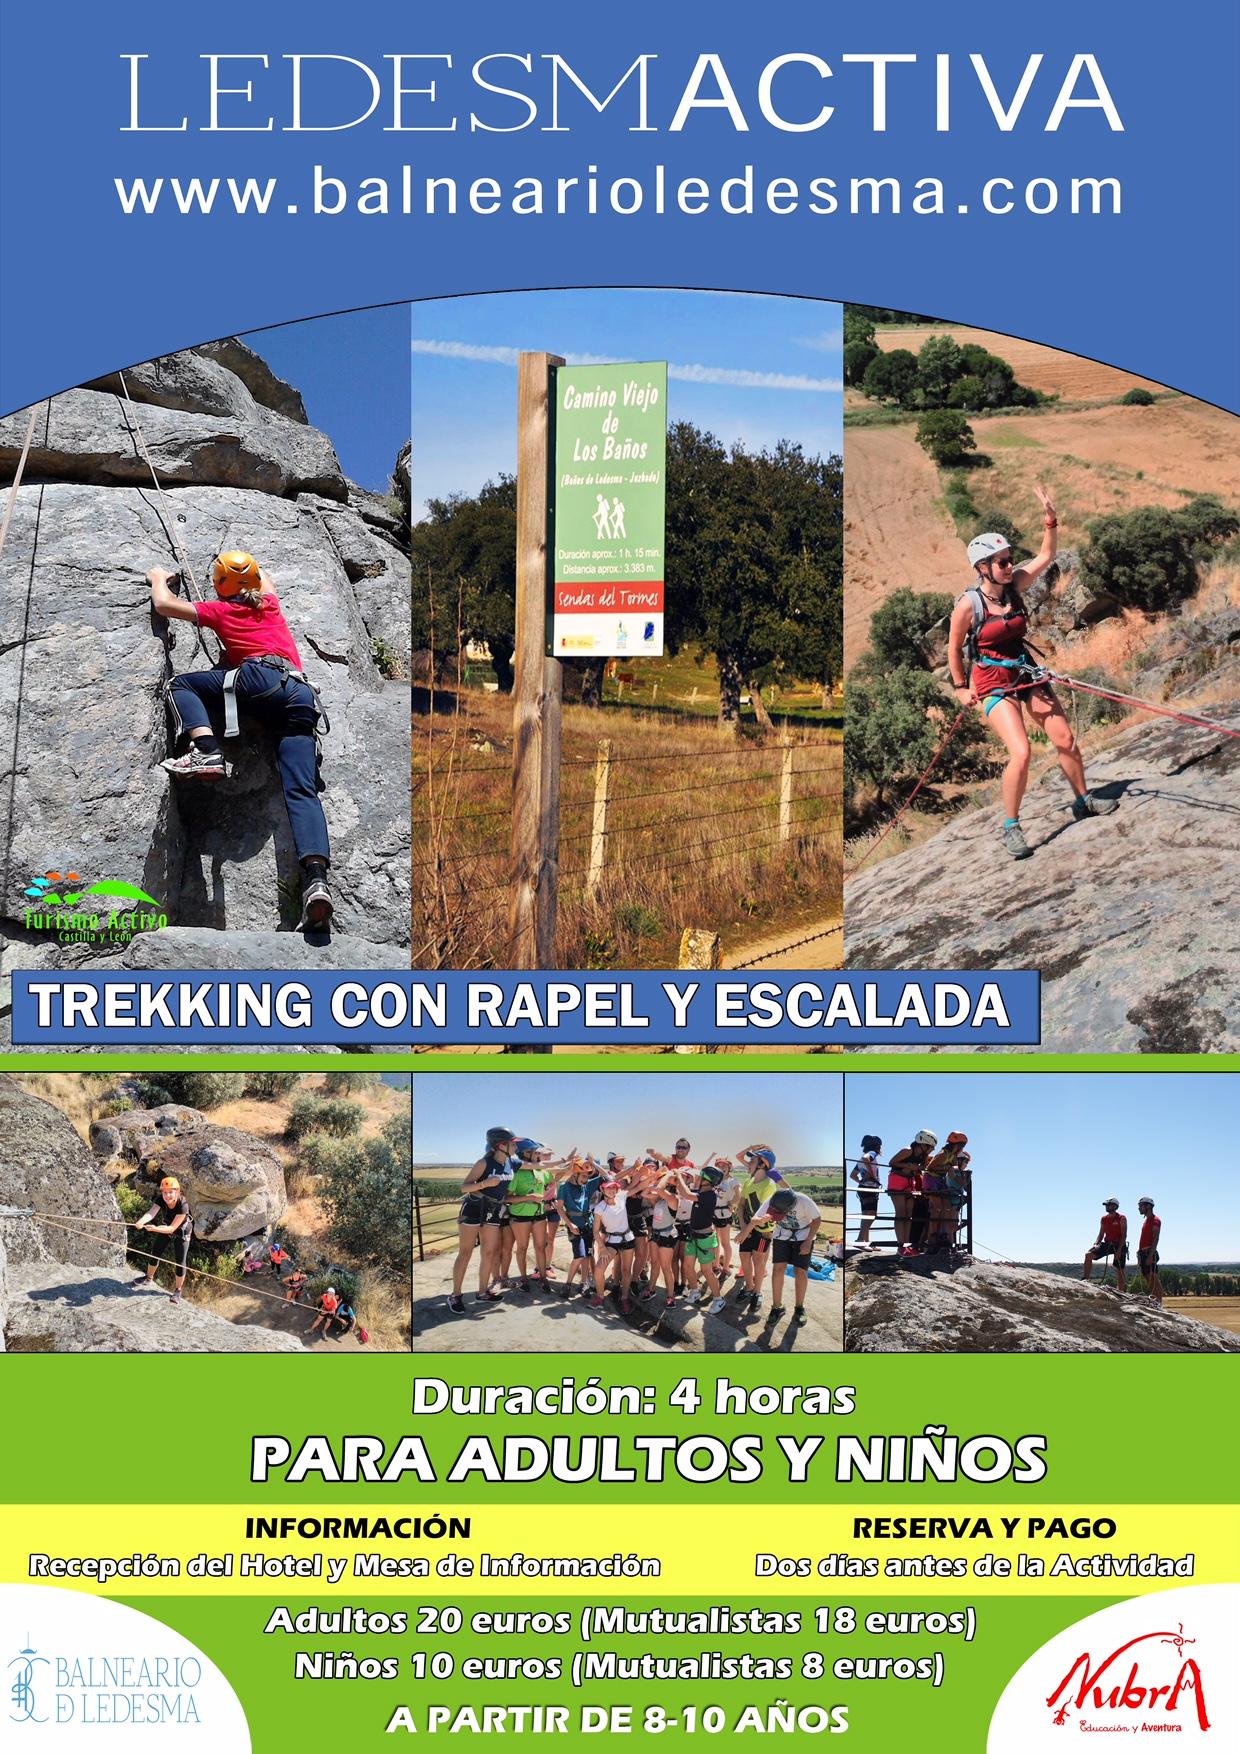 Trekking con rapel y escalada Ledesmactiva para adultos y niños